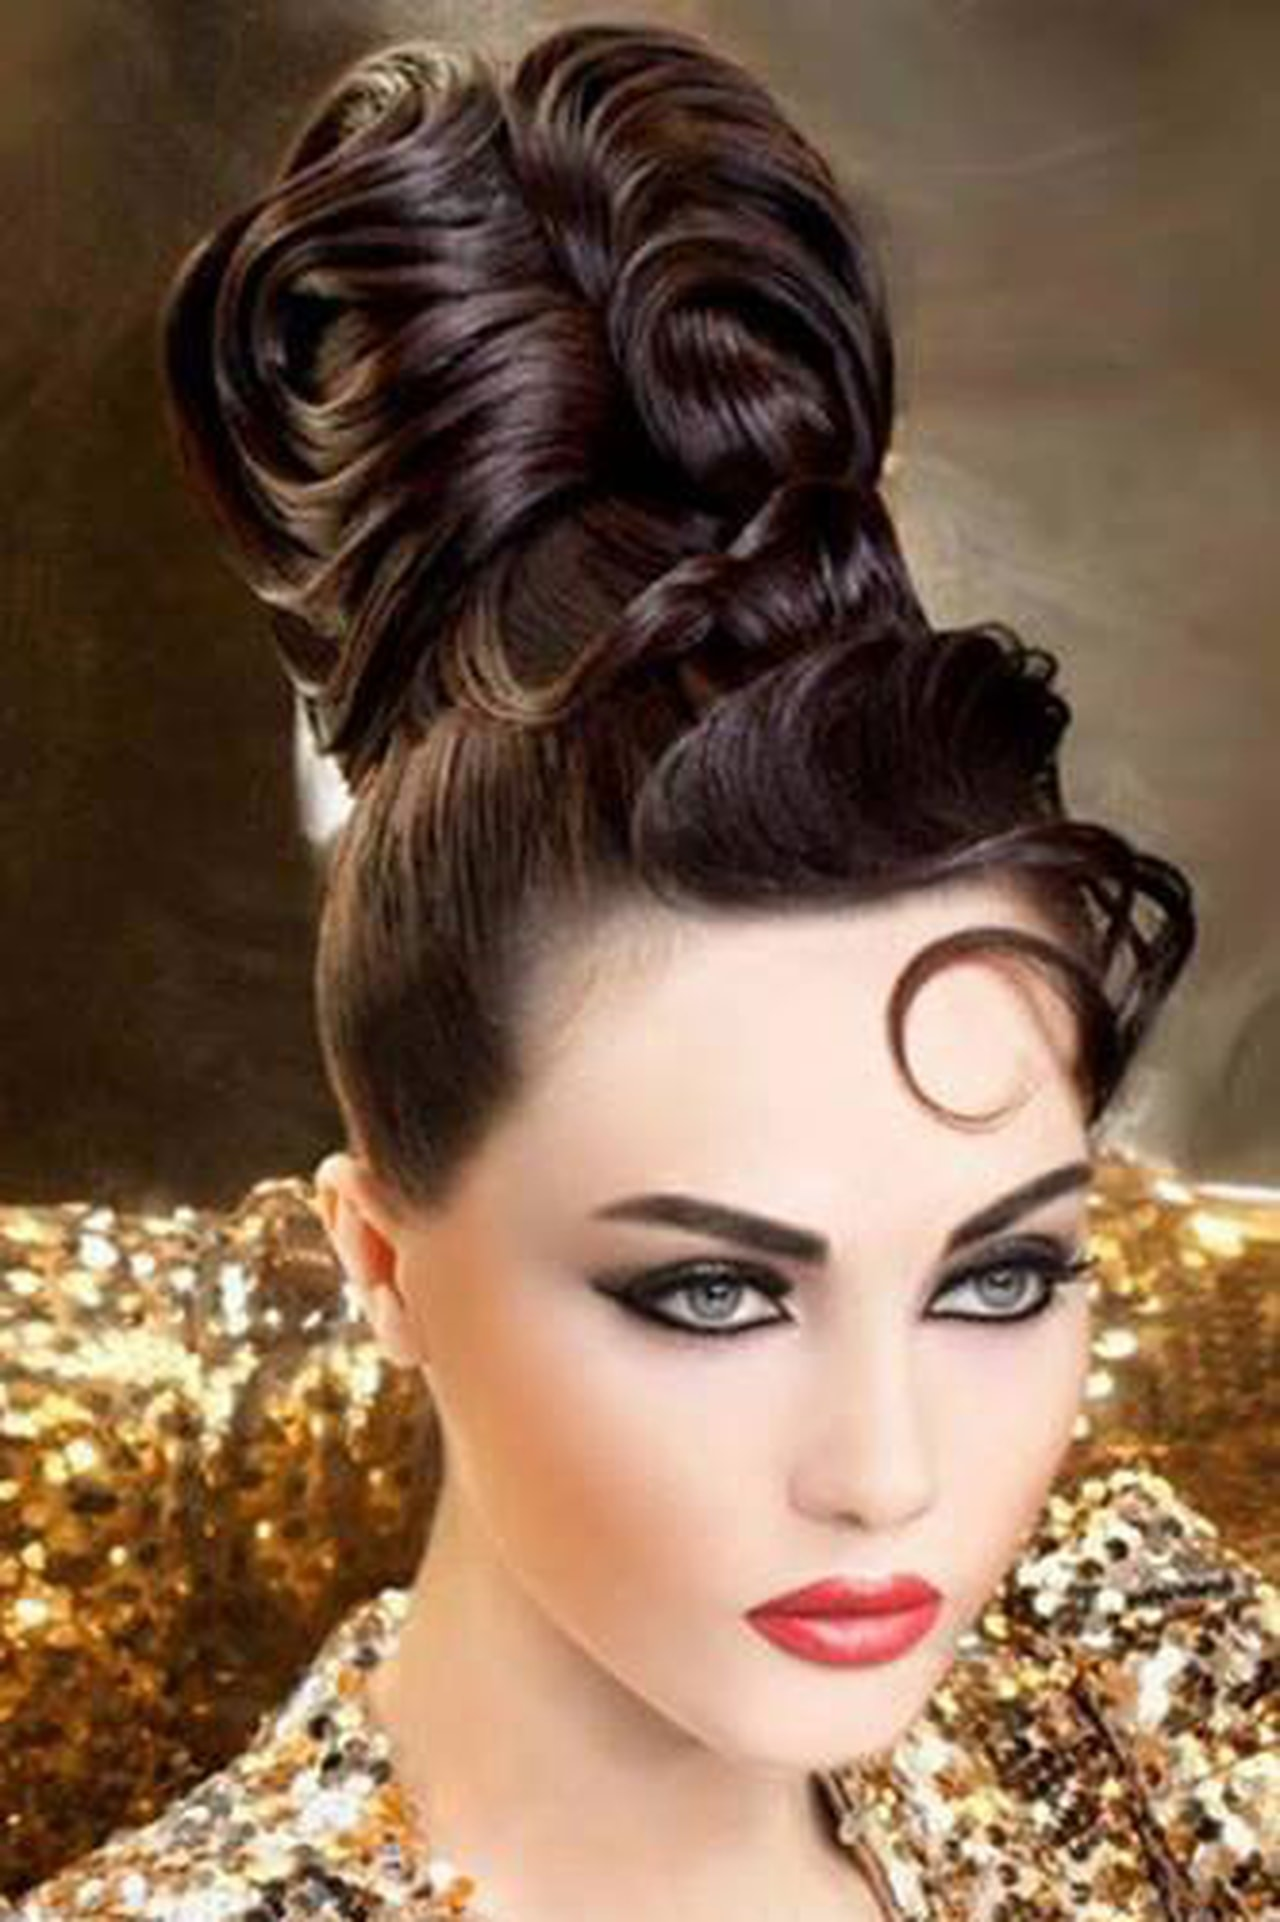 بالصور اجمل شعر في العالم , اروع الاطلالات لتسريحات وقصات الشعر 840 7